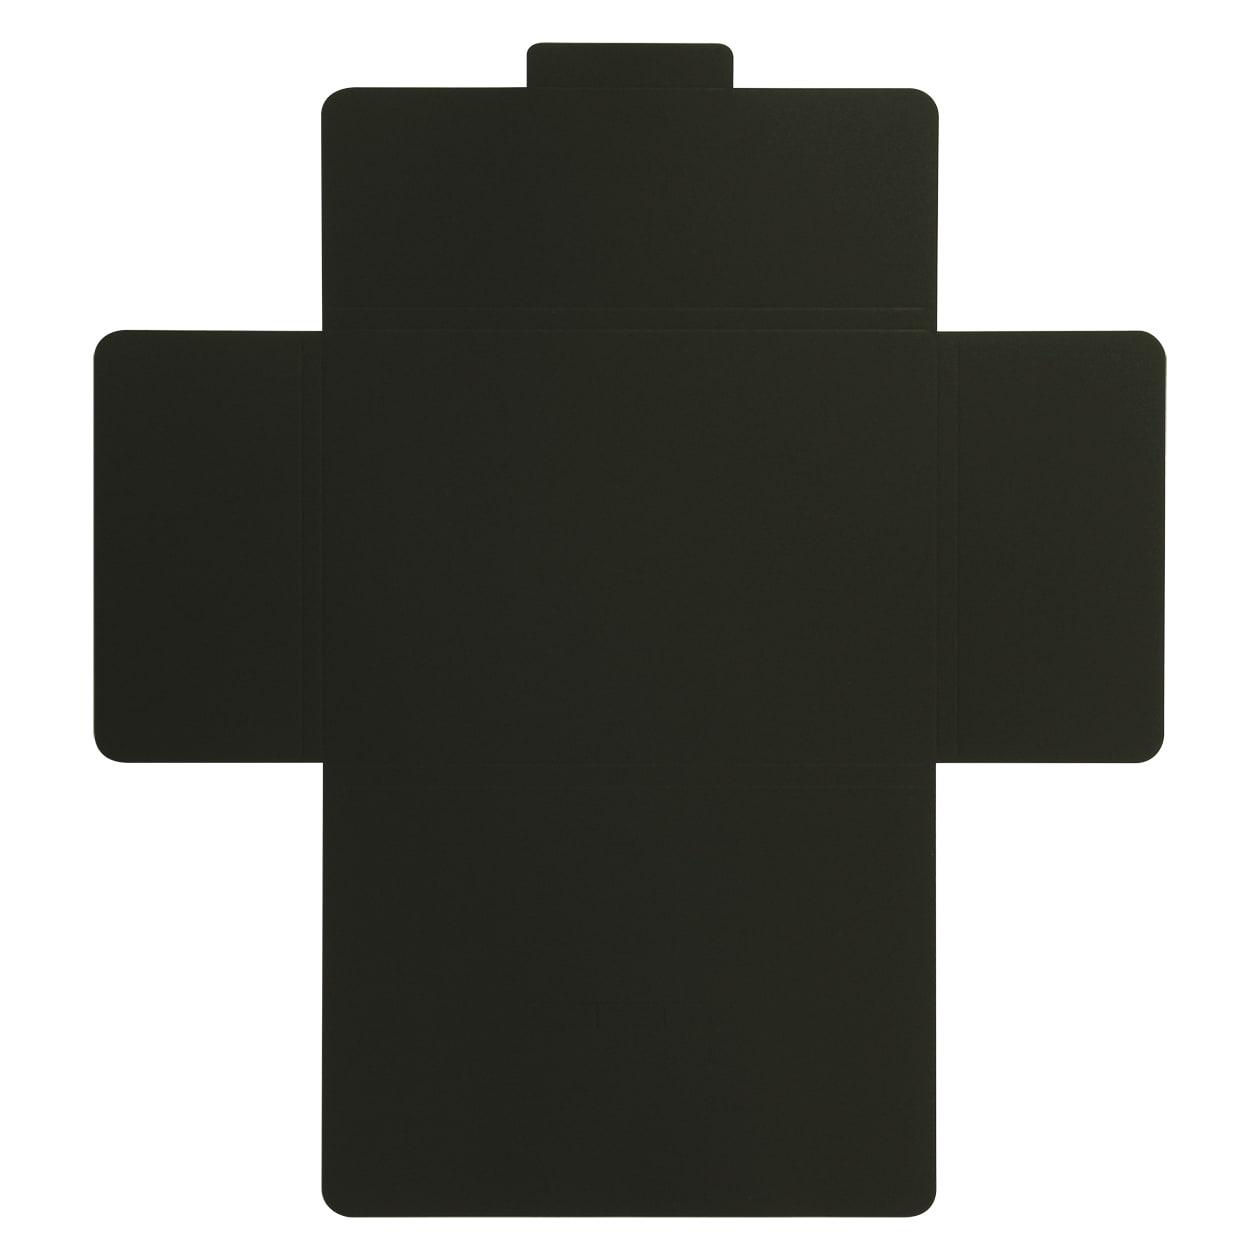 タトウ式箱A5用 ボード紙 ブラック 258.1g マチ6mm 差込有